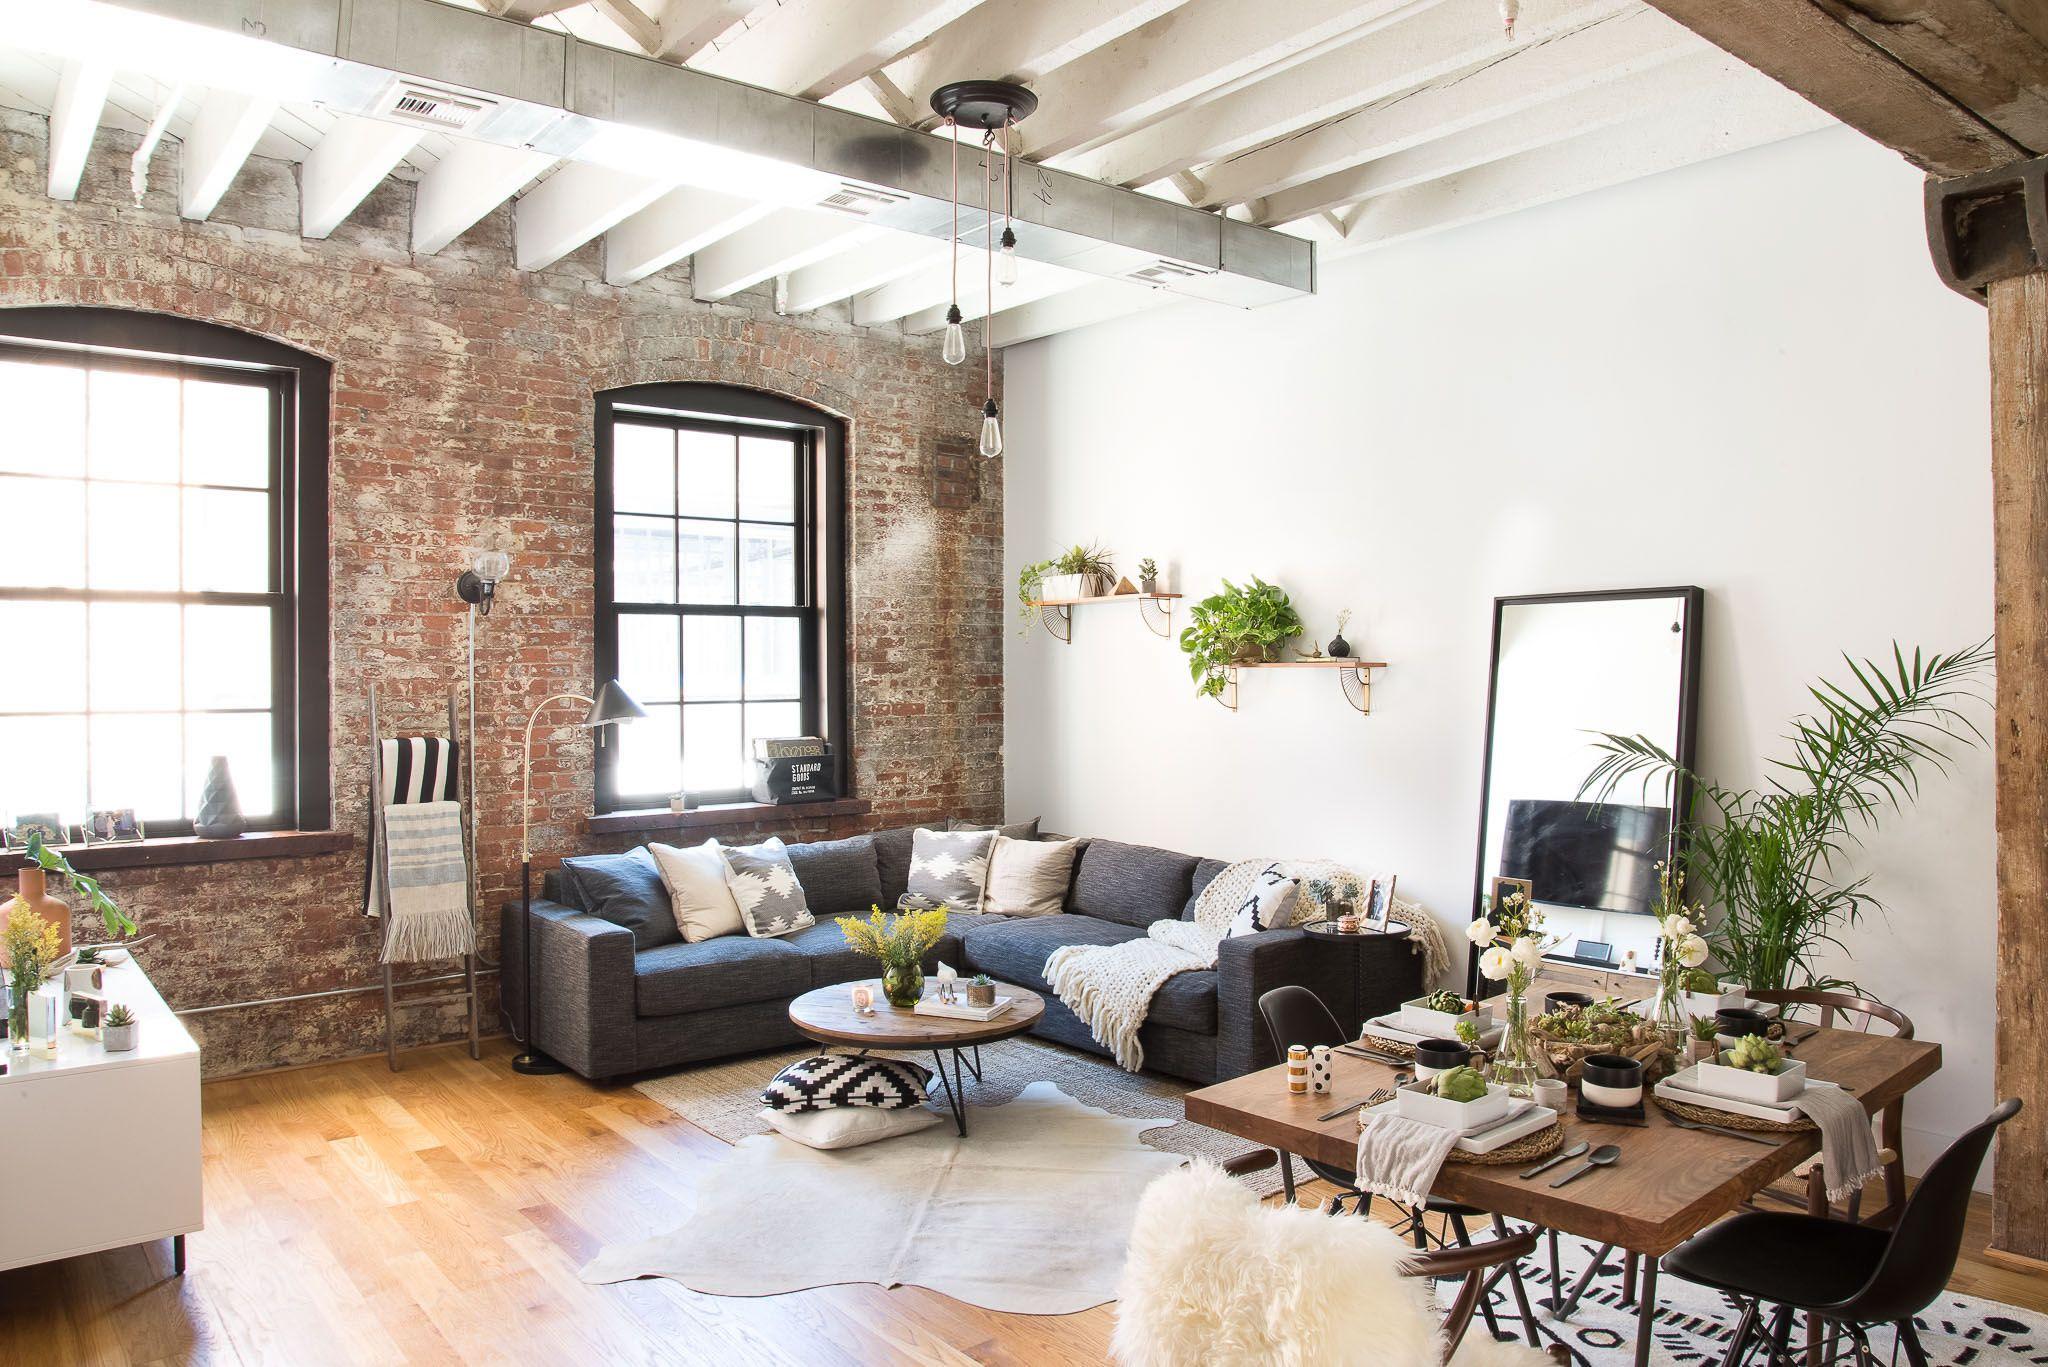 Rustic, Industrial Living Room Vibes   Rustic industrial, Industrial ...